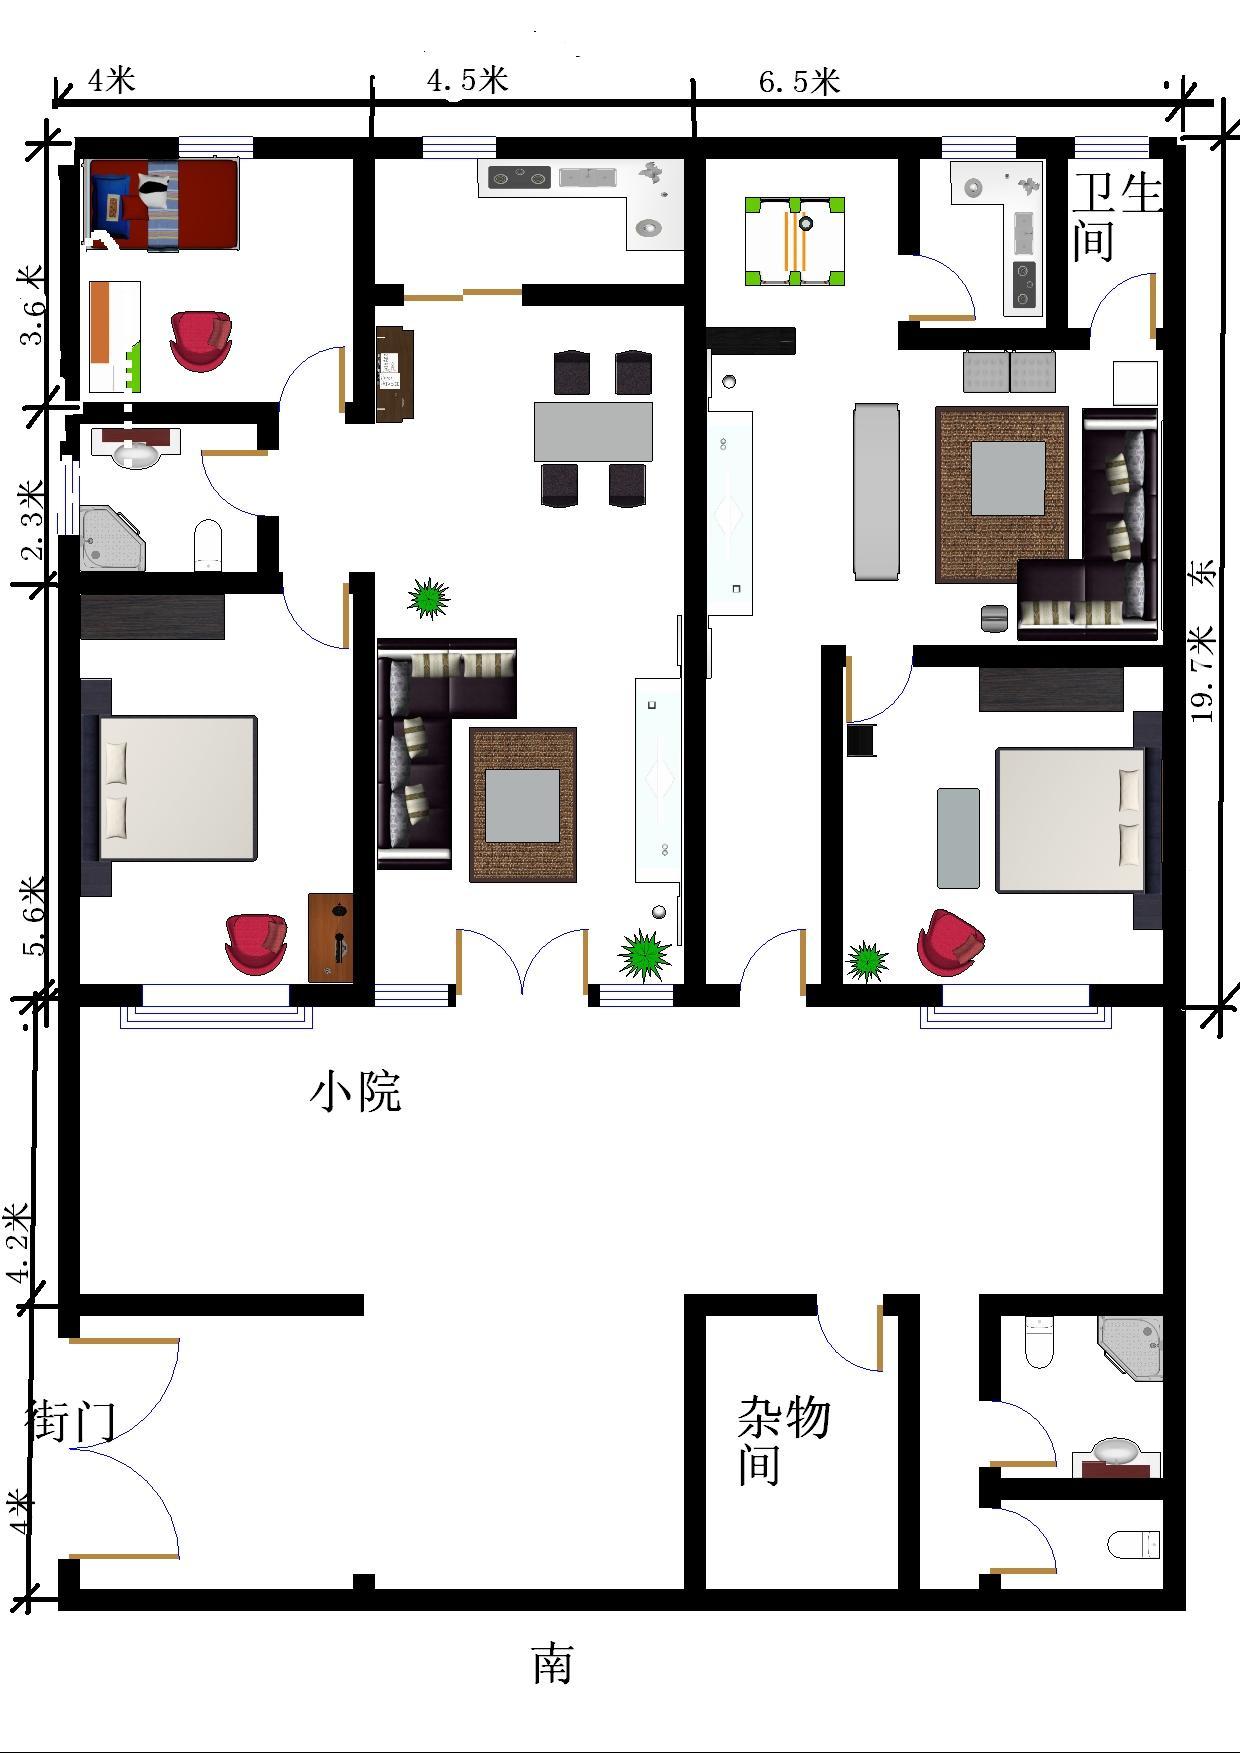 5米另外还有8米x15米小院这是新农村房屋规划本人不懂设计前几天下载图片